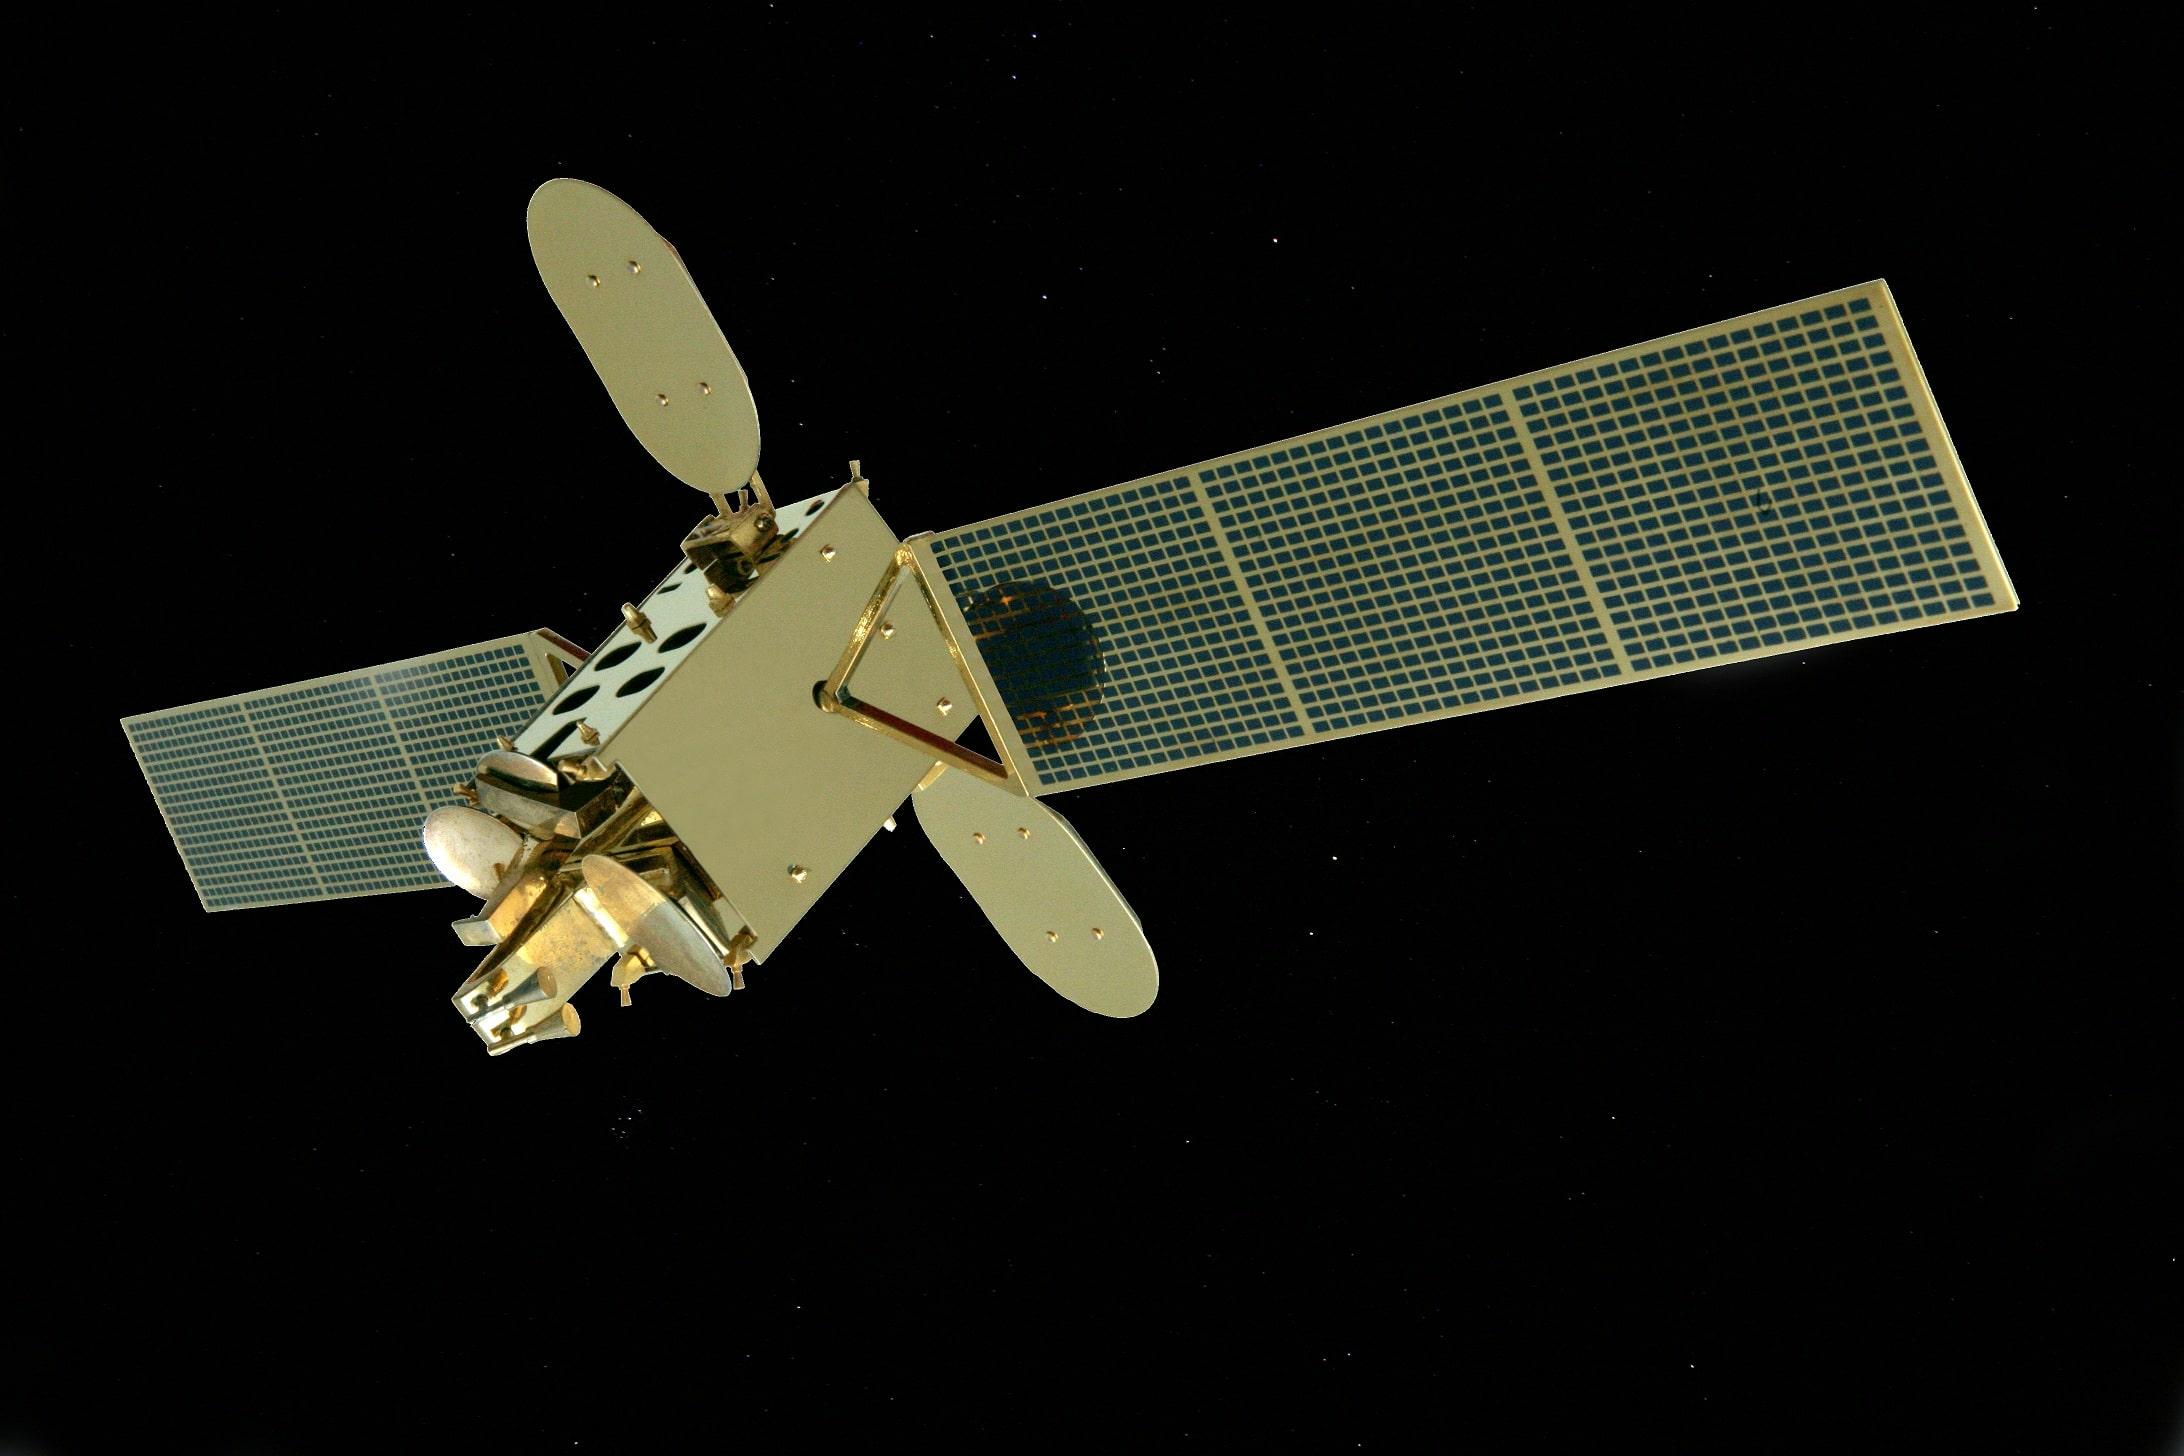 """¡Celebramos 10 años del inicio de nuestra soberanía tecnológica! afirmó Maduro a una década del lanzamiento del satélite """"Simón Bolívar"""""""